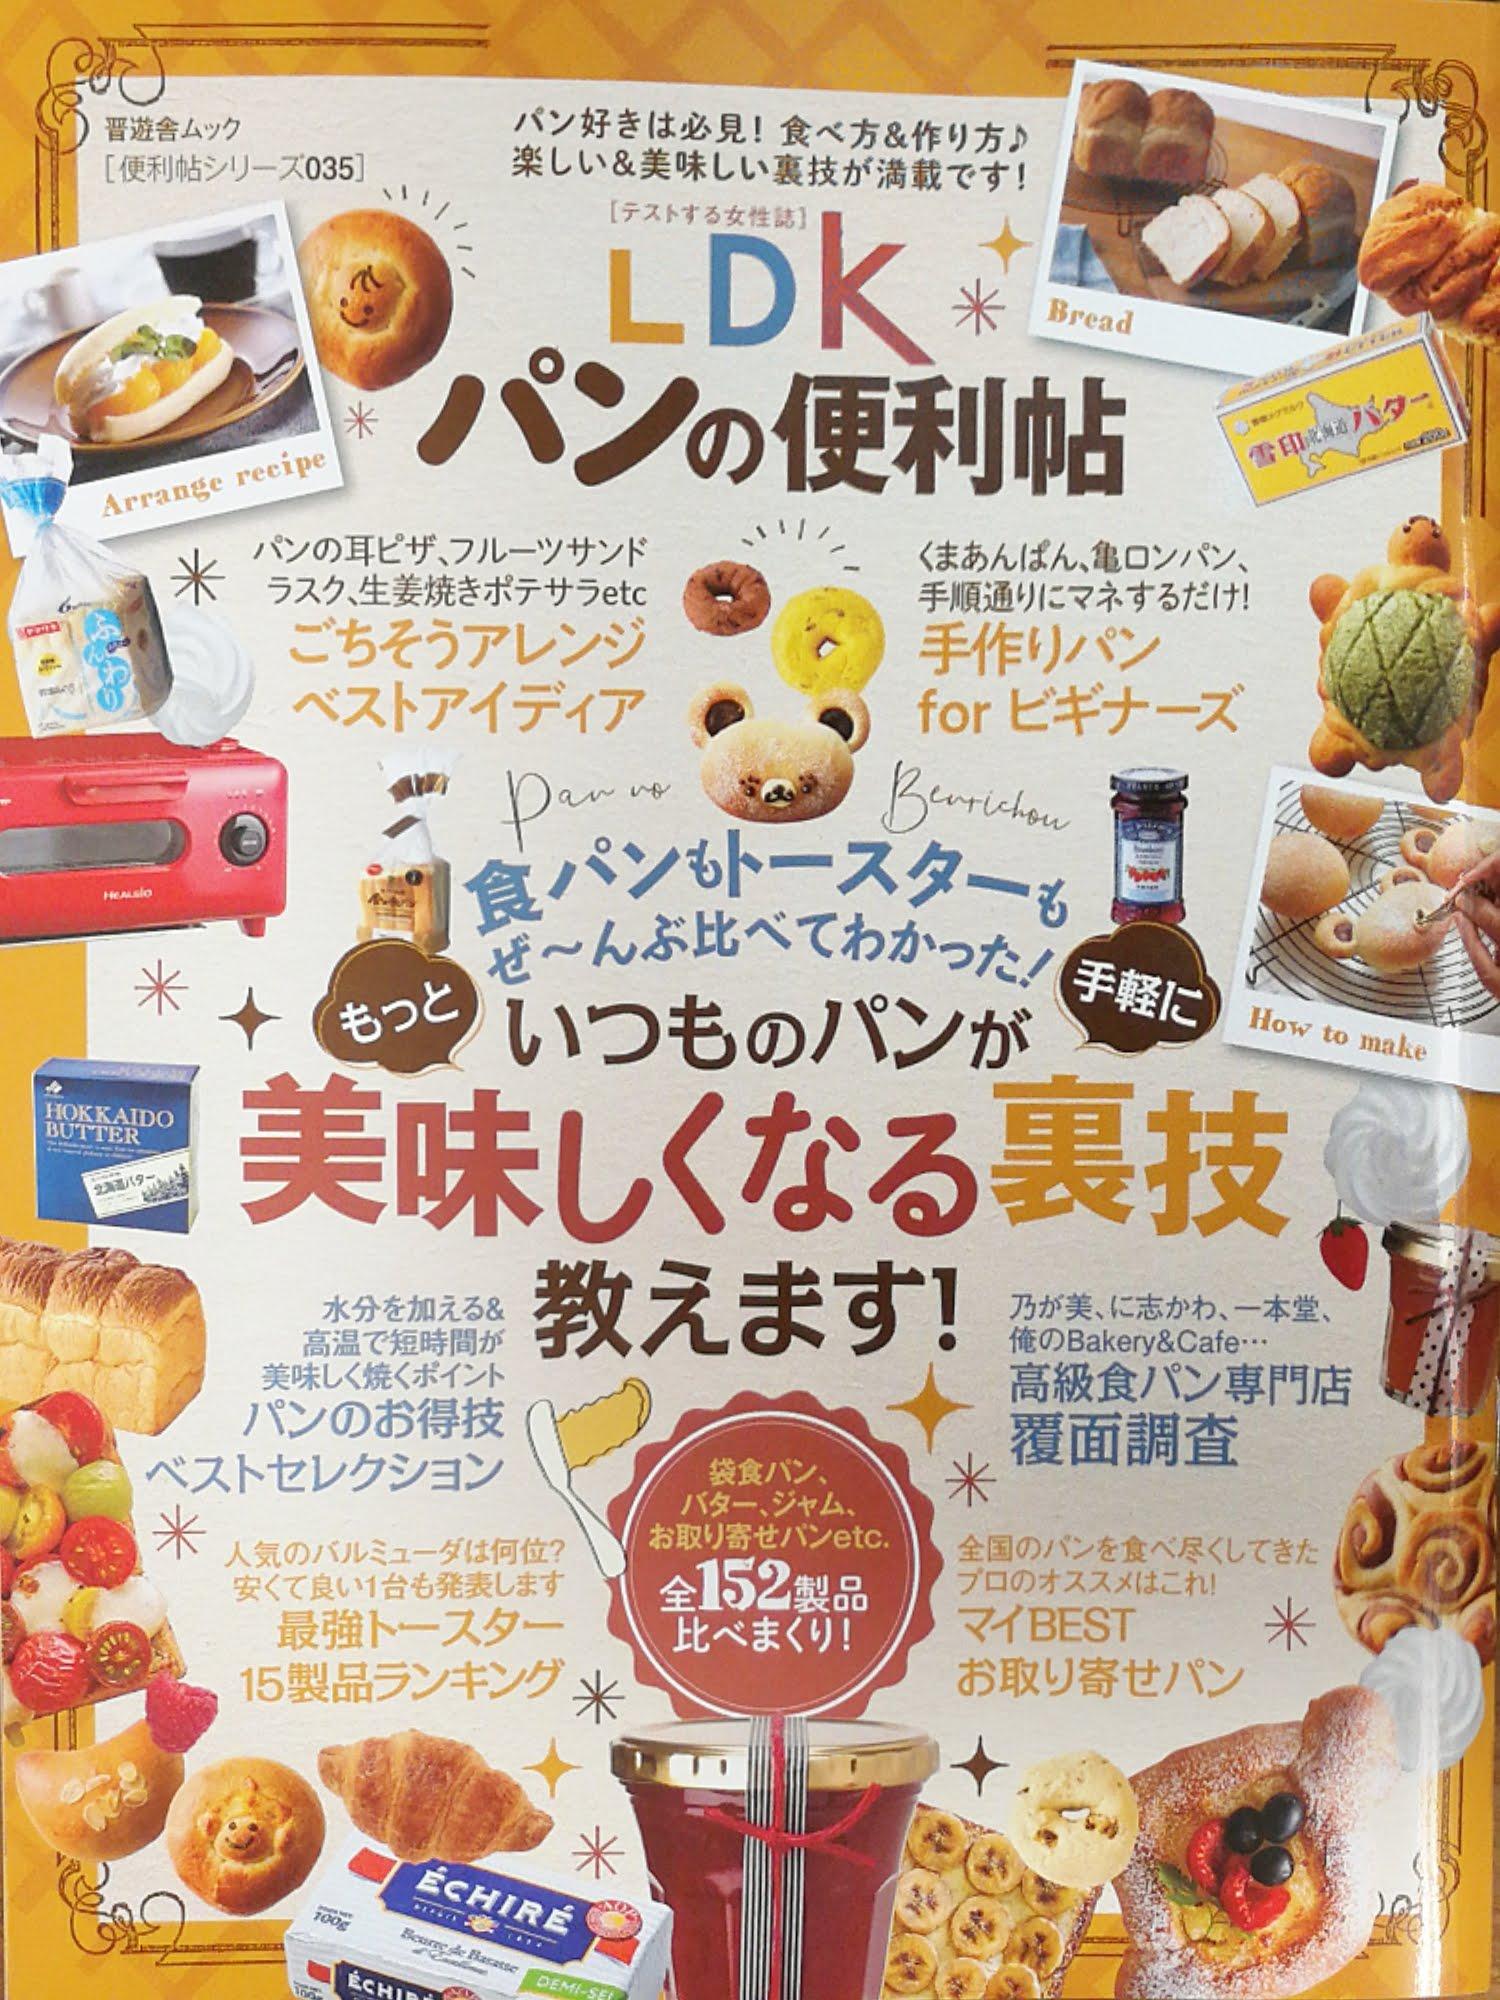 福田諭がLDKパンの便利帖のメインビジュアルを撮り下ろしました